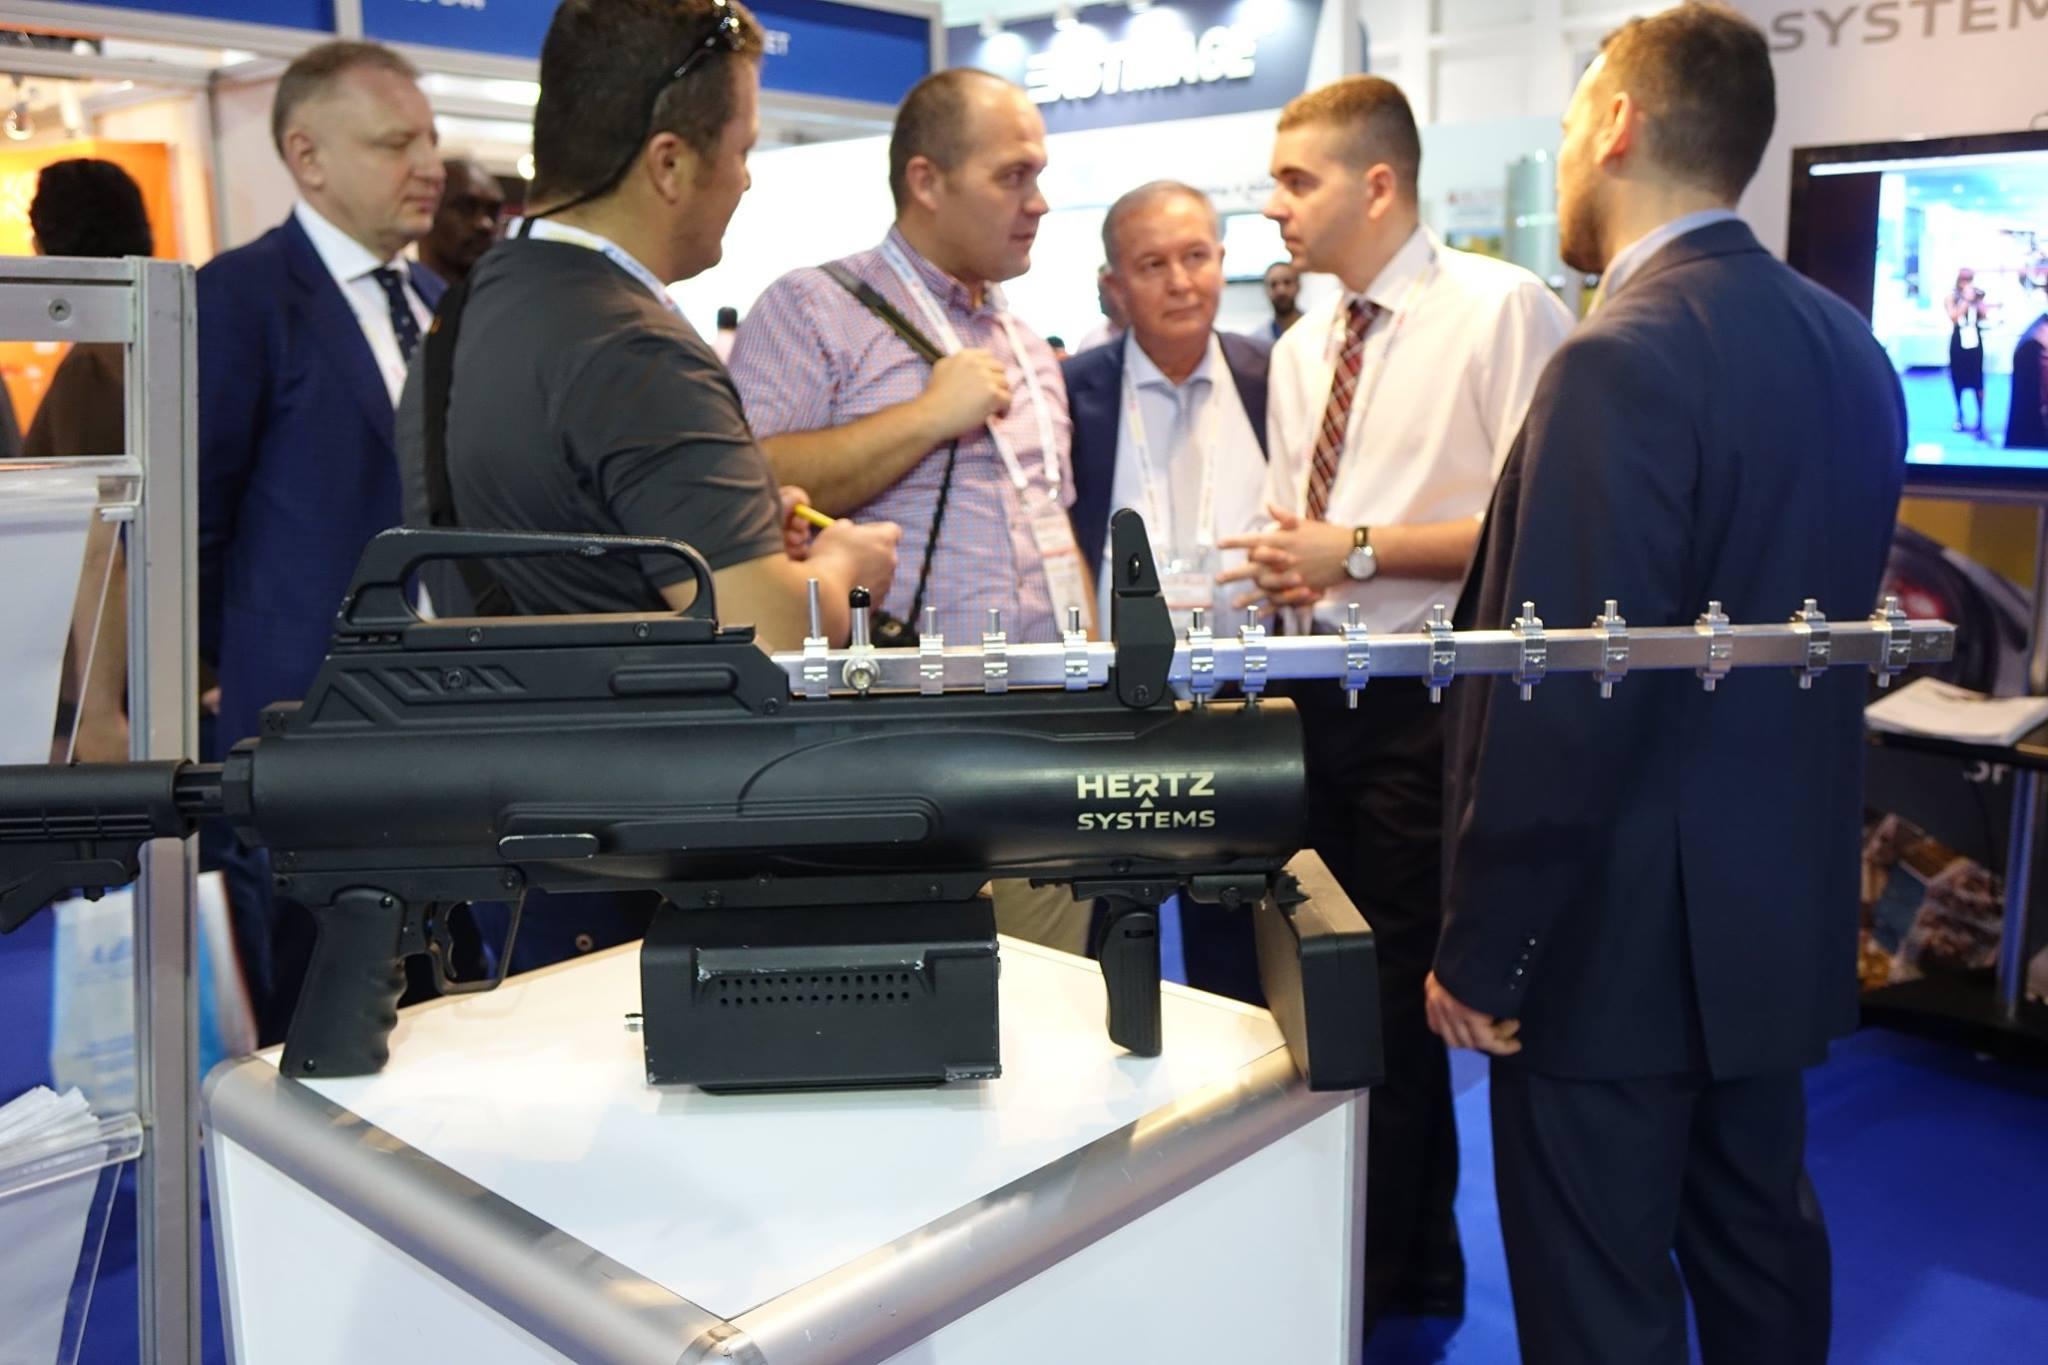 Hertz Systems na międzynarodowych targach bezpieczeństwa Intersec w Dubaju